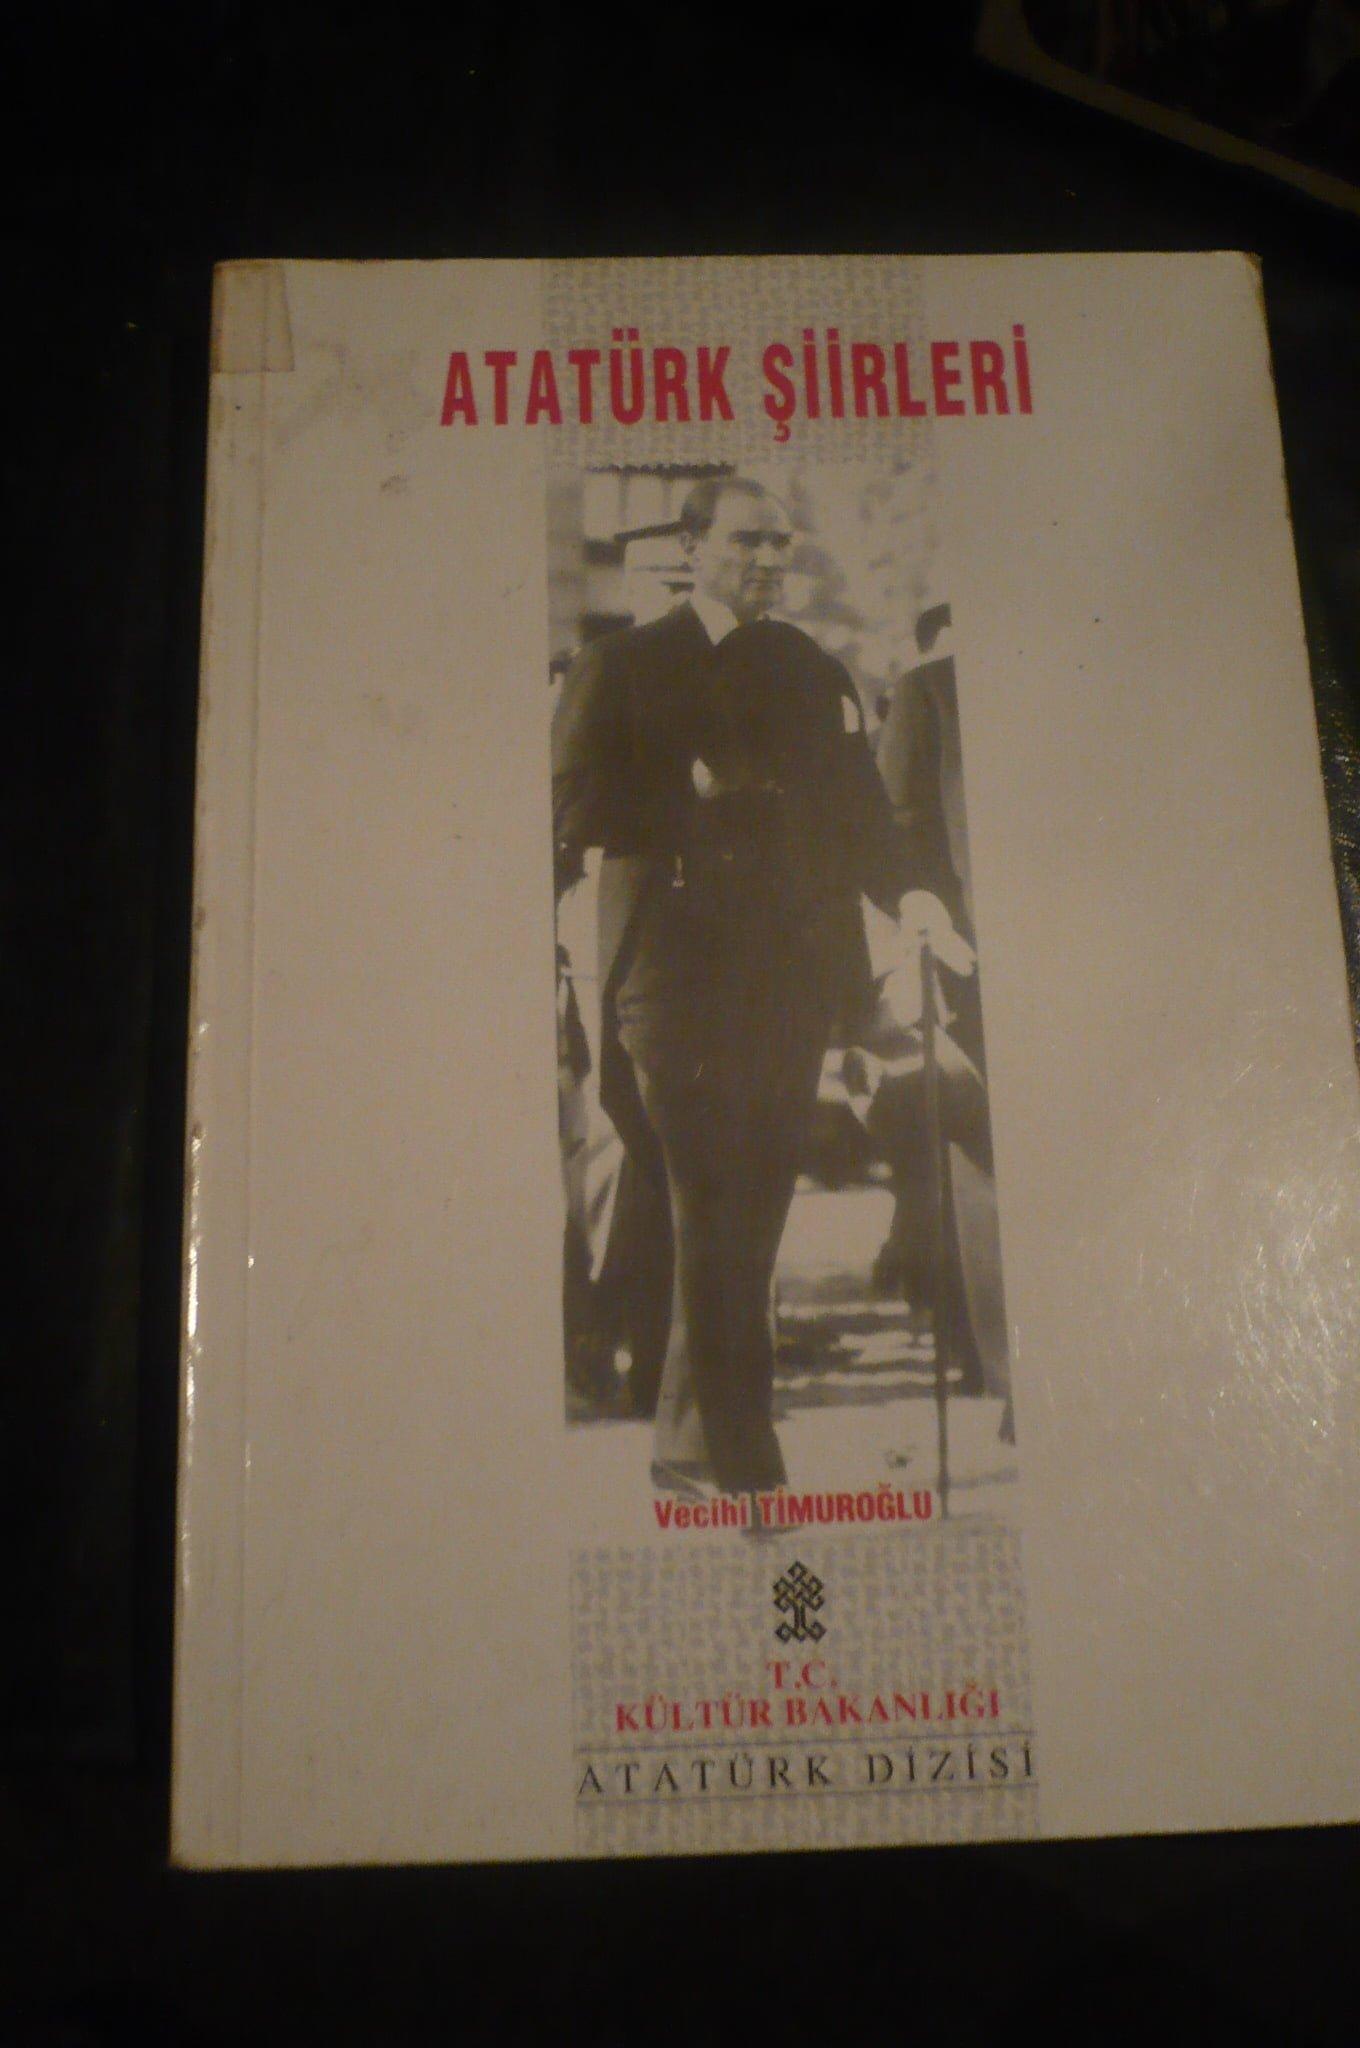 ATATÜRK ŞİİRLERİ/Vecihi TİMUROĞLU/10 TL